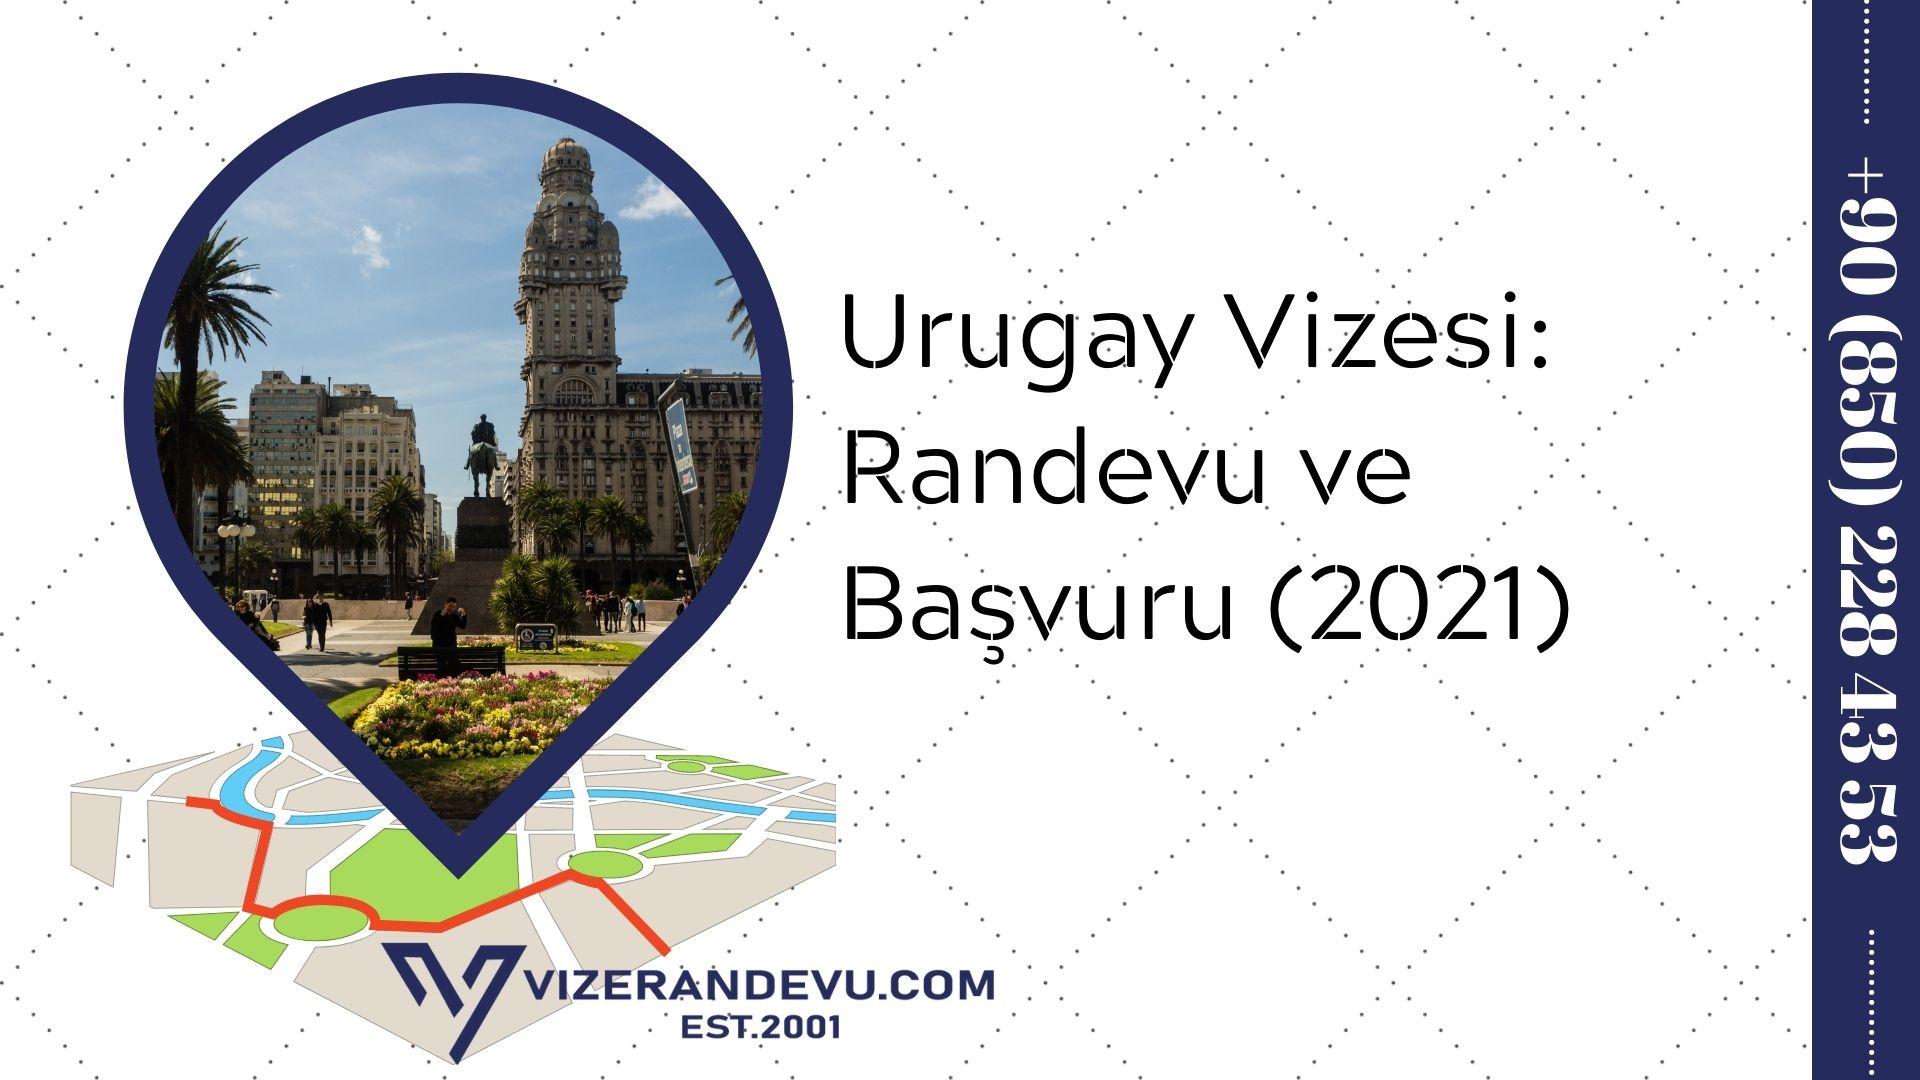 Urugay Vizesi: Randevu ve Başvuru (2021)